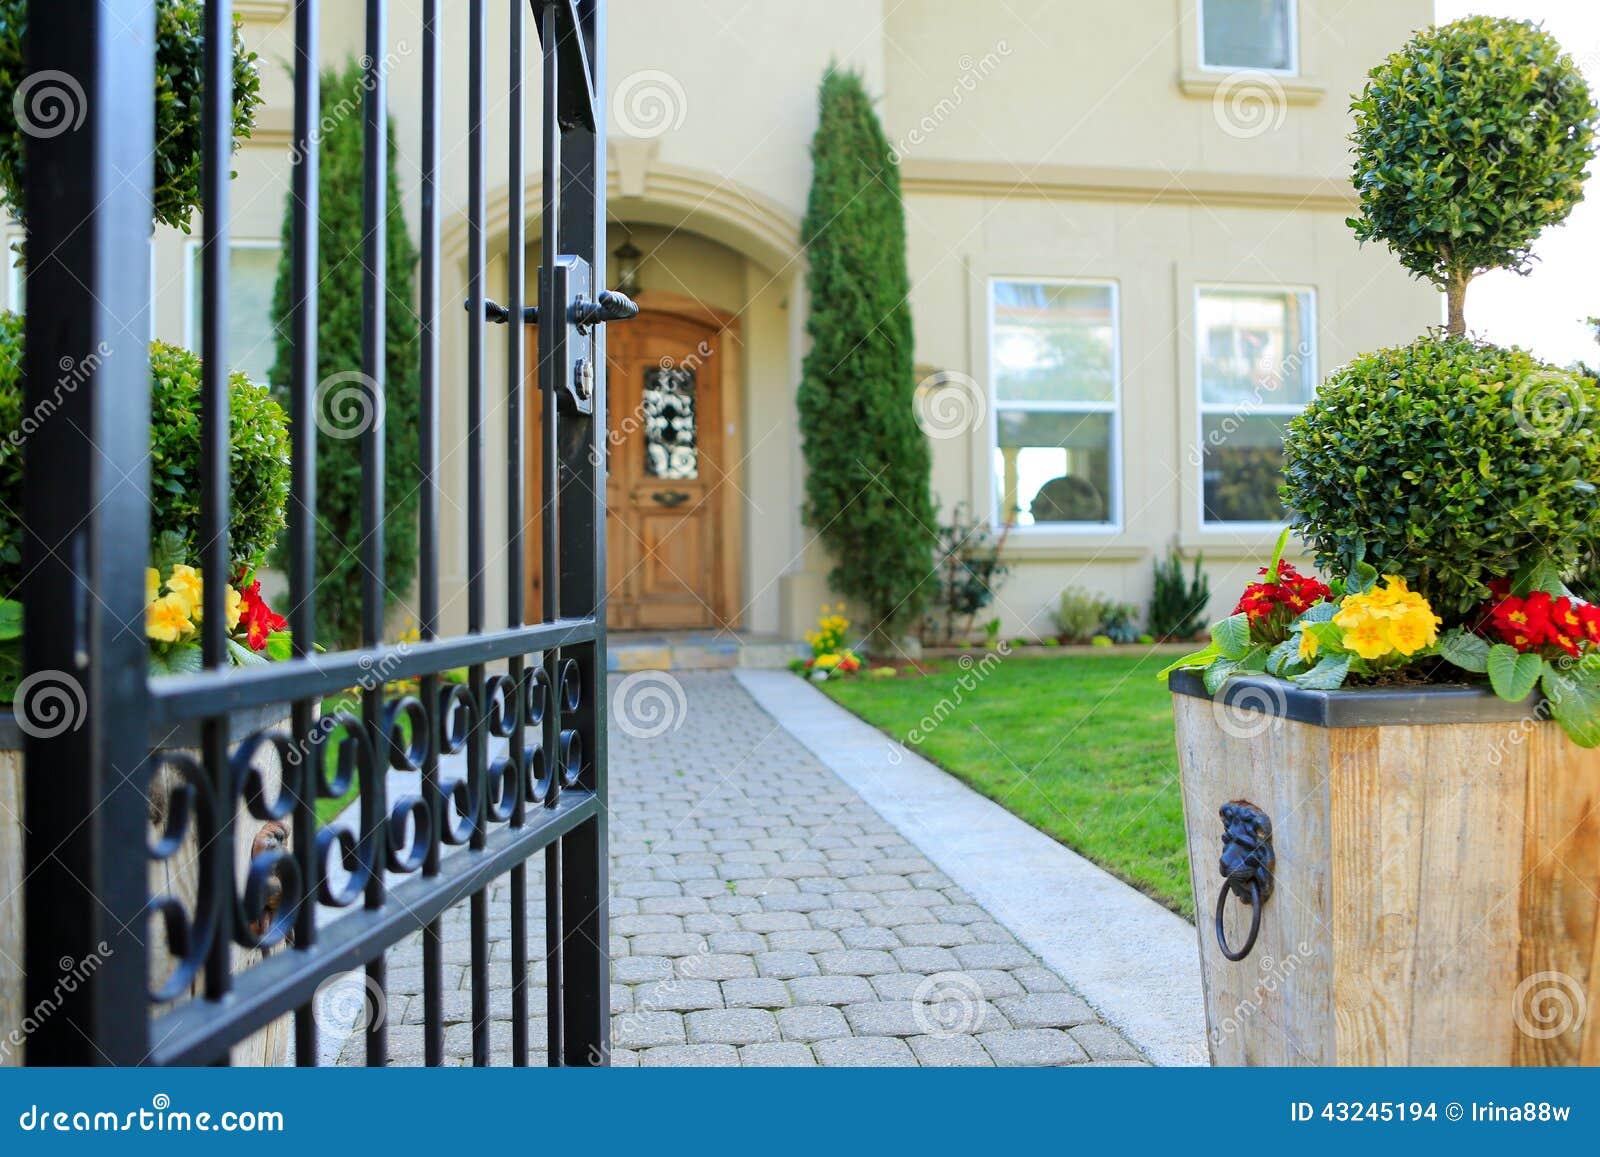 Puerta del hierro labrado de la entrada a la casa de lujo for Puerta entrada casa